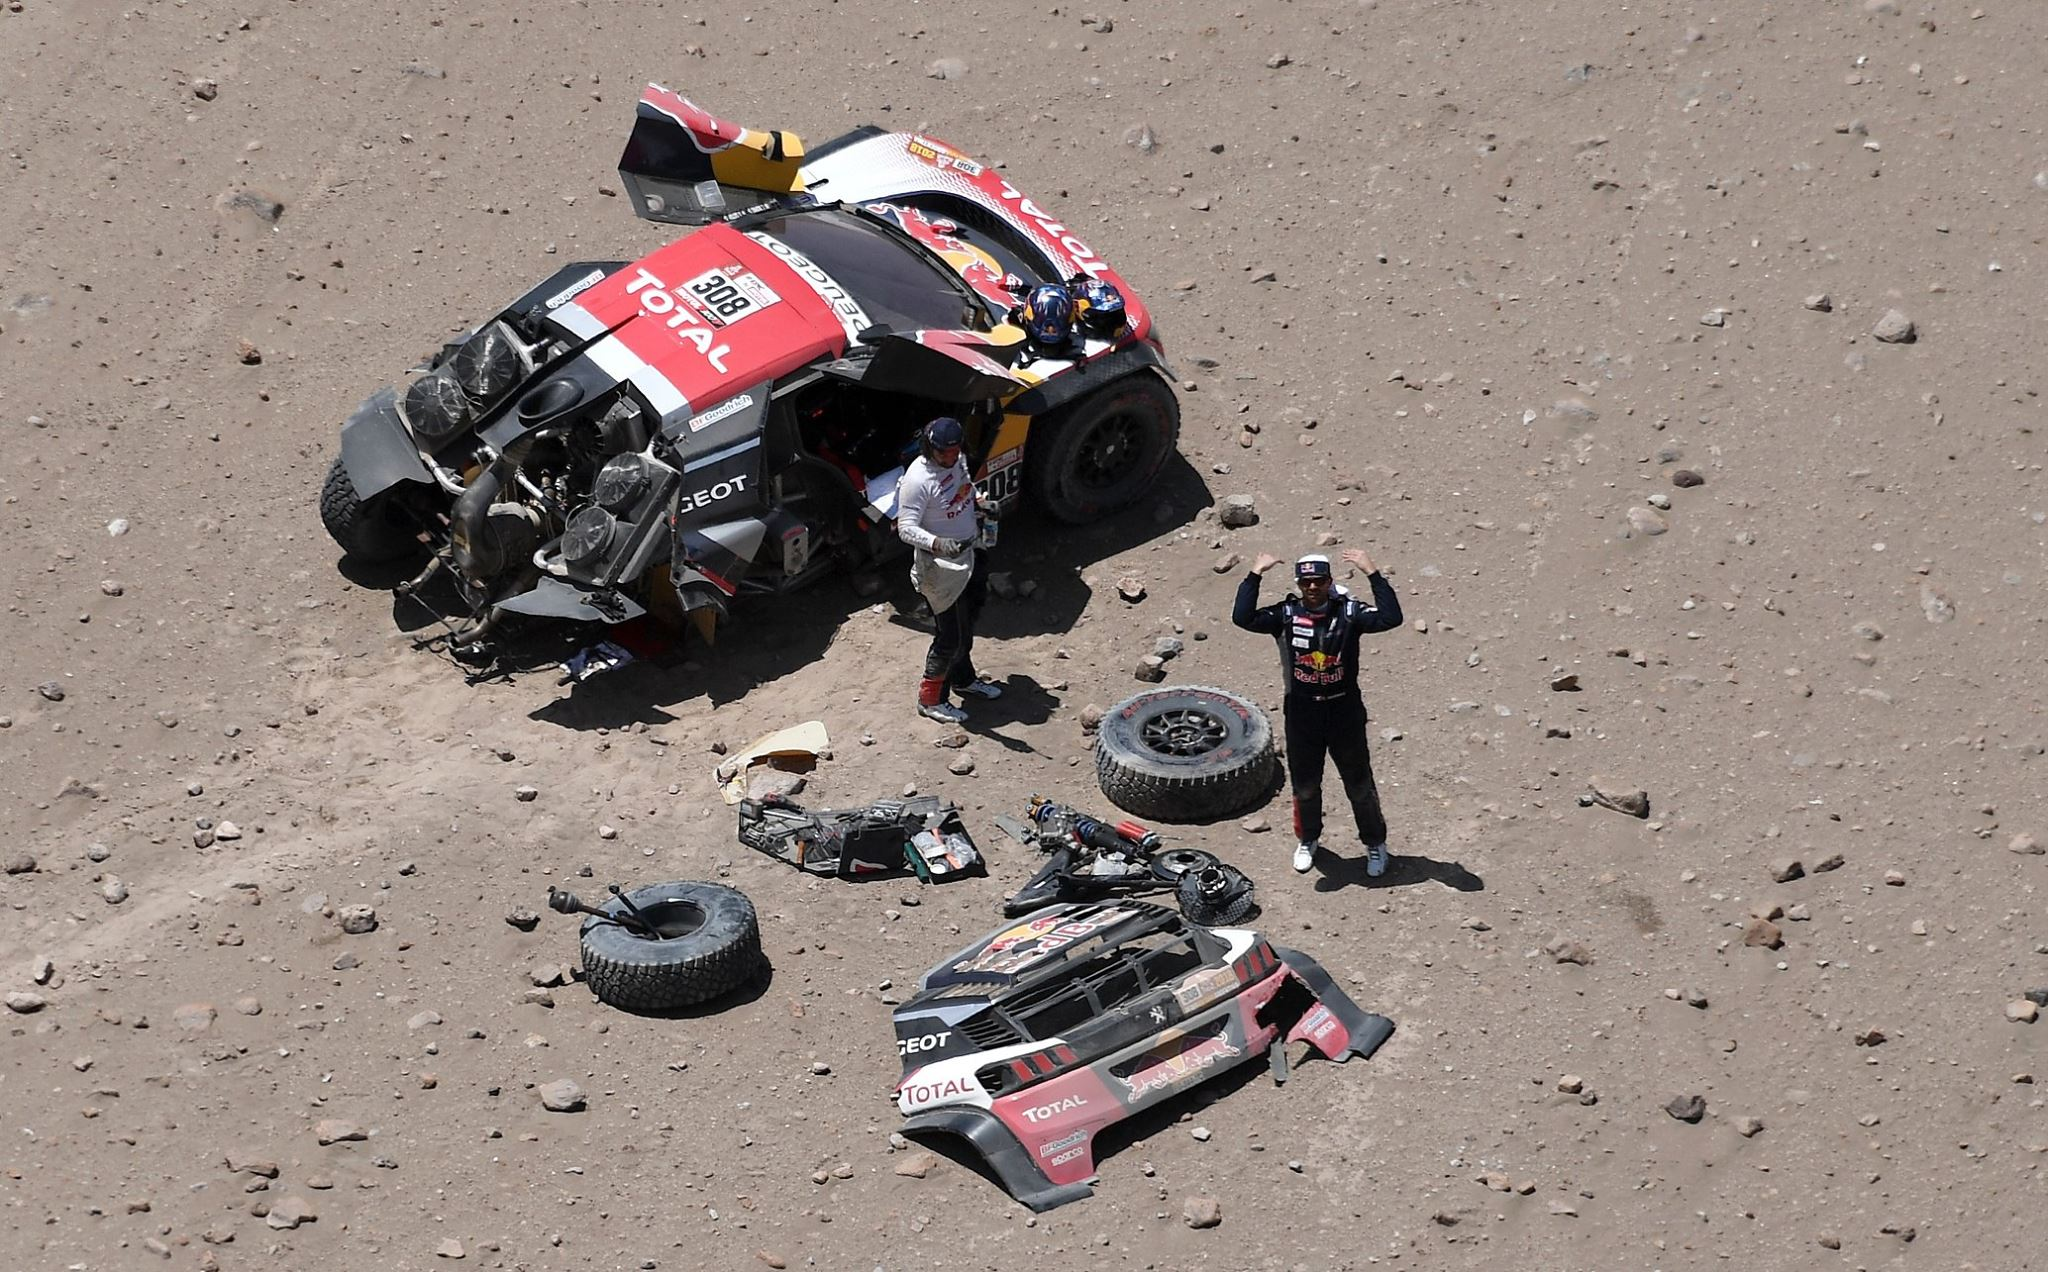 Emergency Live | Rally Dakar: Descobrindo como funciona a assistência médica durante a corrida mais difícil do mundo imagem 3